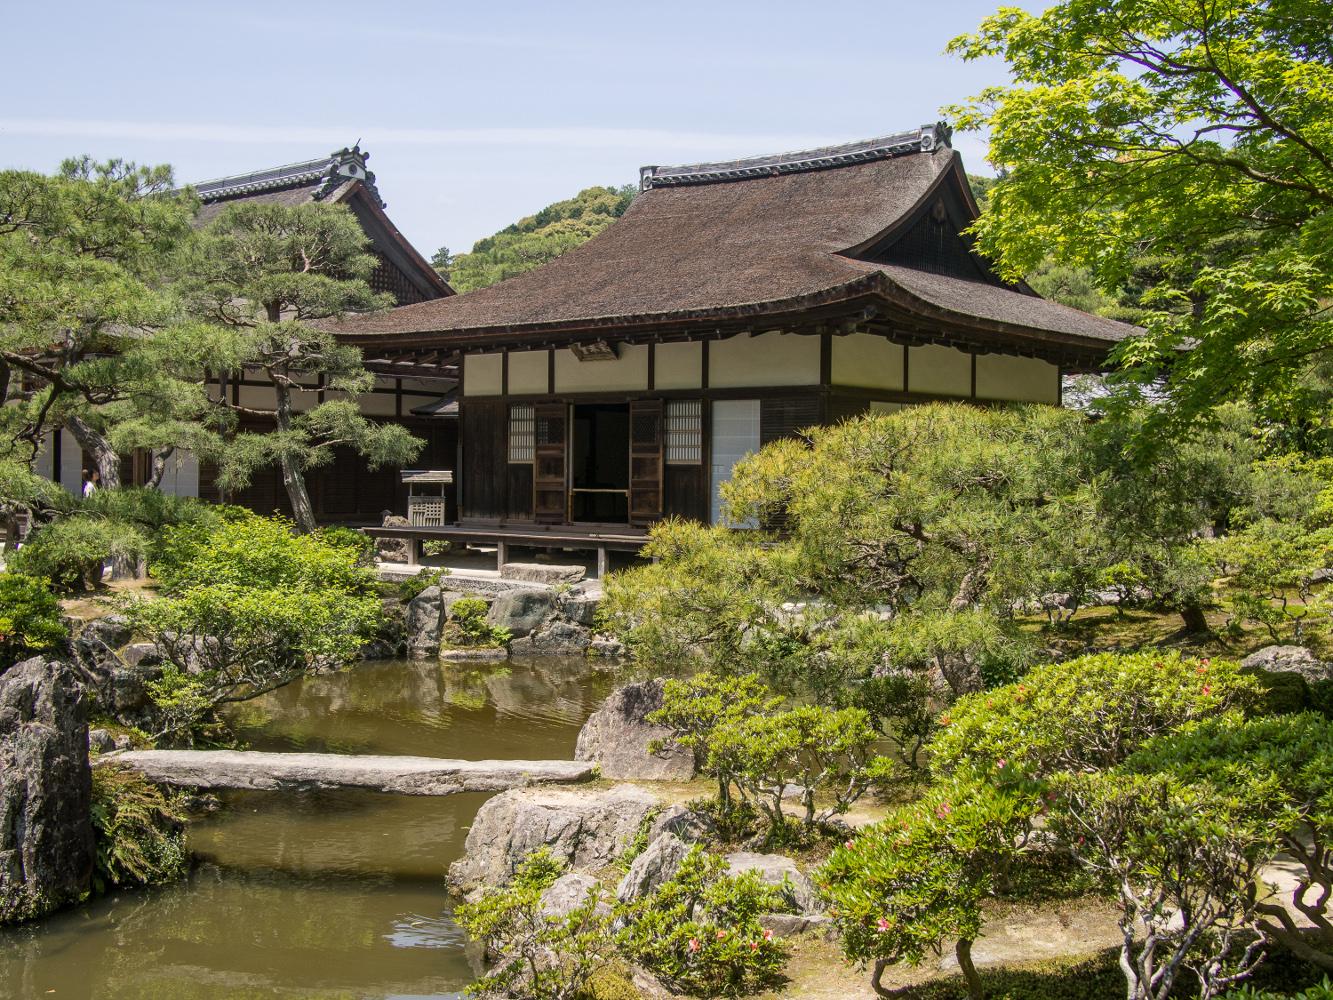 Kyoto, Ginkaku-ji, der Tōgu-dō, ein Nebengebäude mit Raum für die Teezeremonie in dem heute rekonstruierten Garten, um 1482